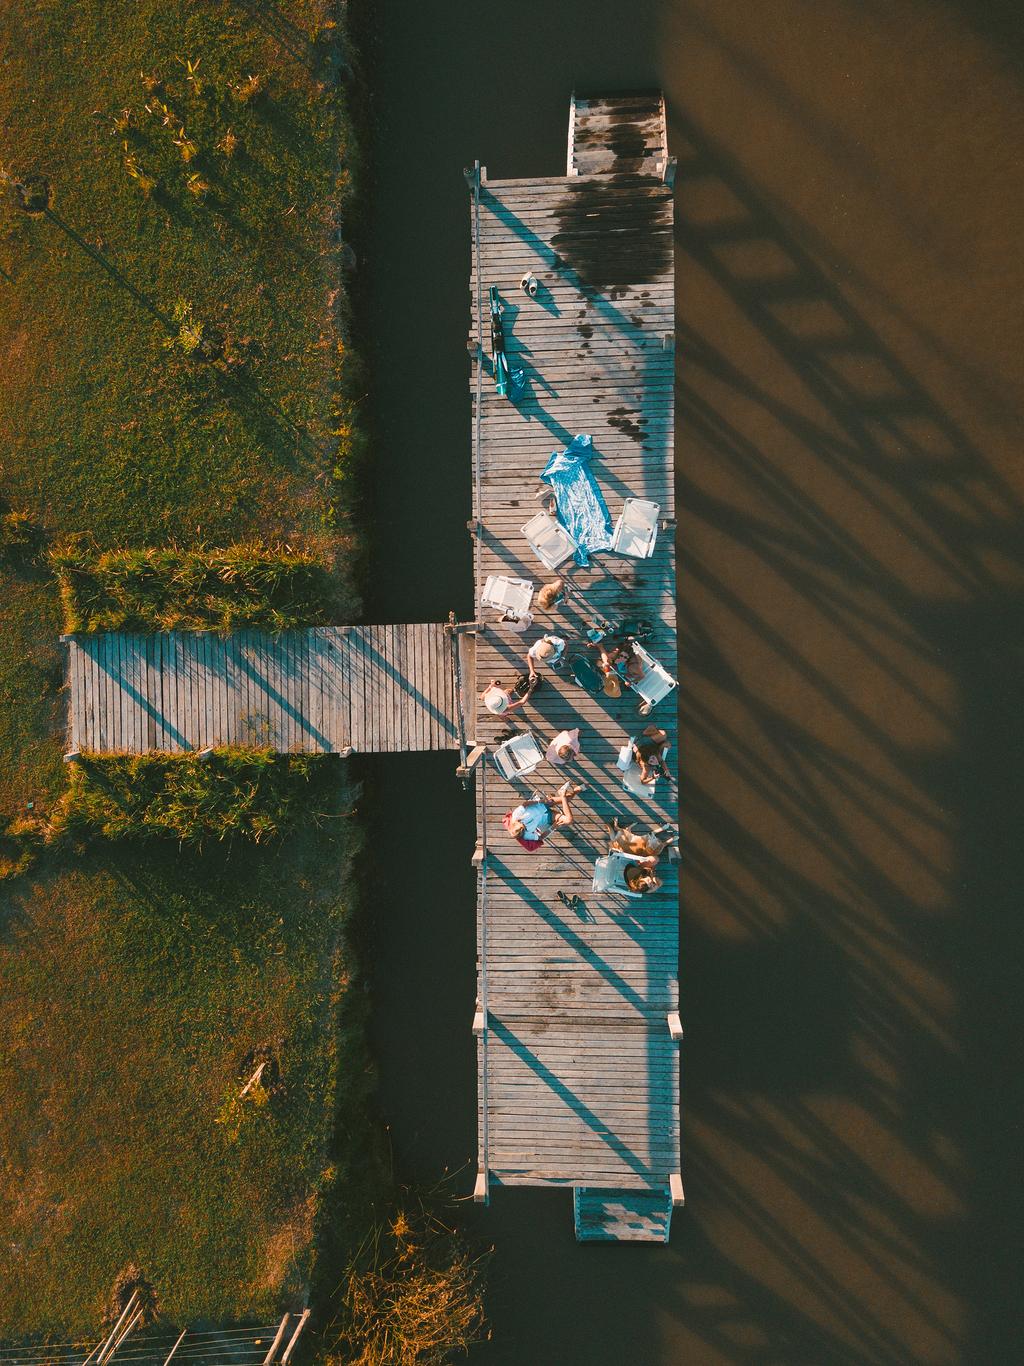 聚集在码头上的一群人的鸟瞰摄影